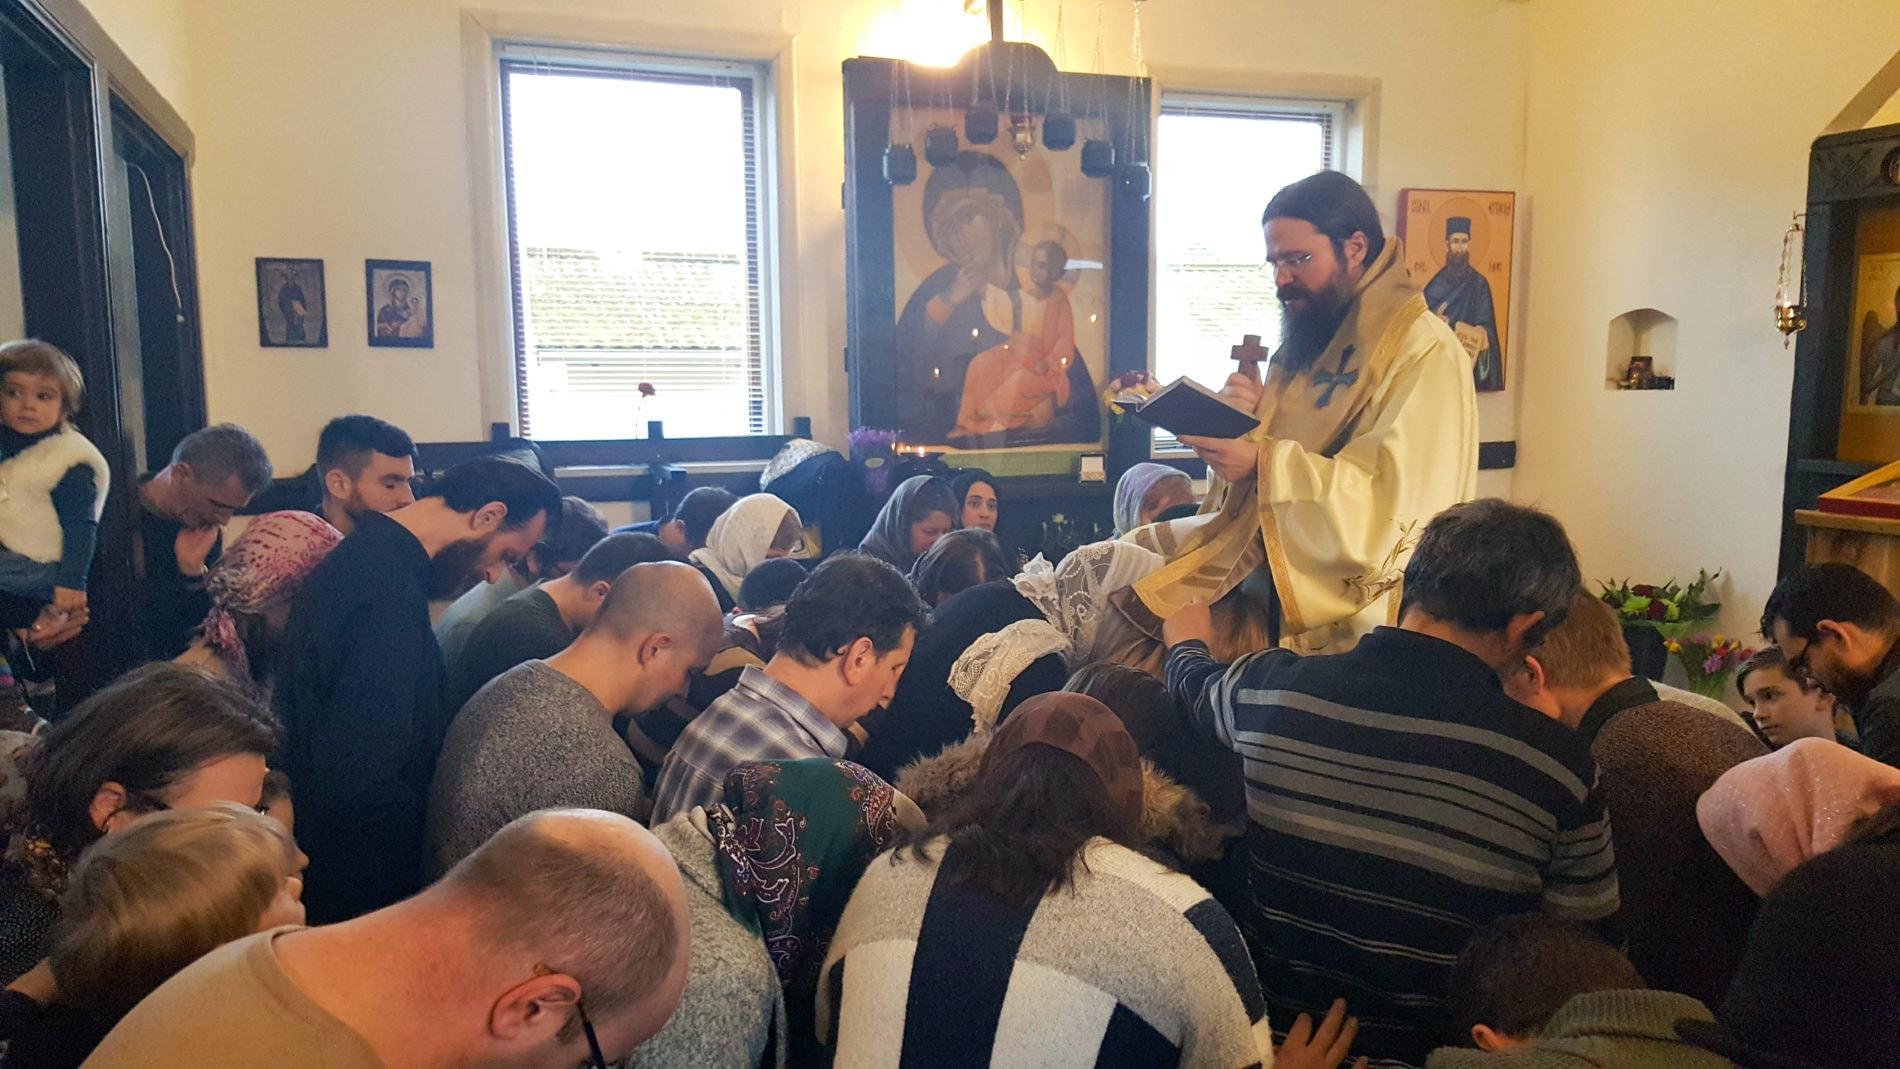 """PS Episcop Macarie: """"Se seamănă, prin toate mijloacele, semințele urii față de Biserică, față de cruce, față de Hristos și oamenii Săi"""""""